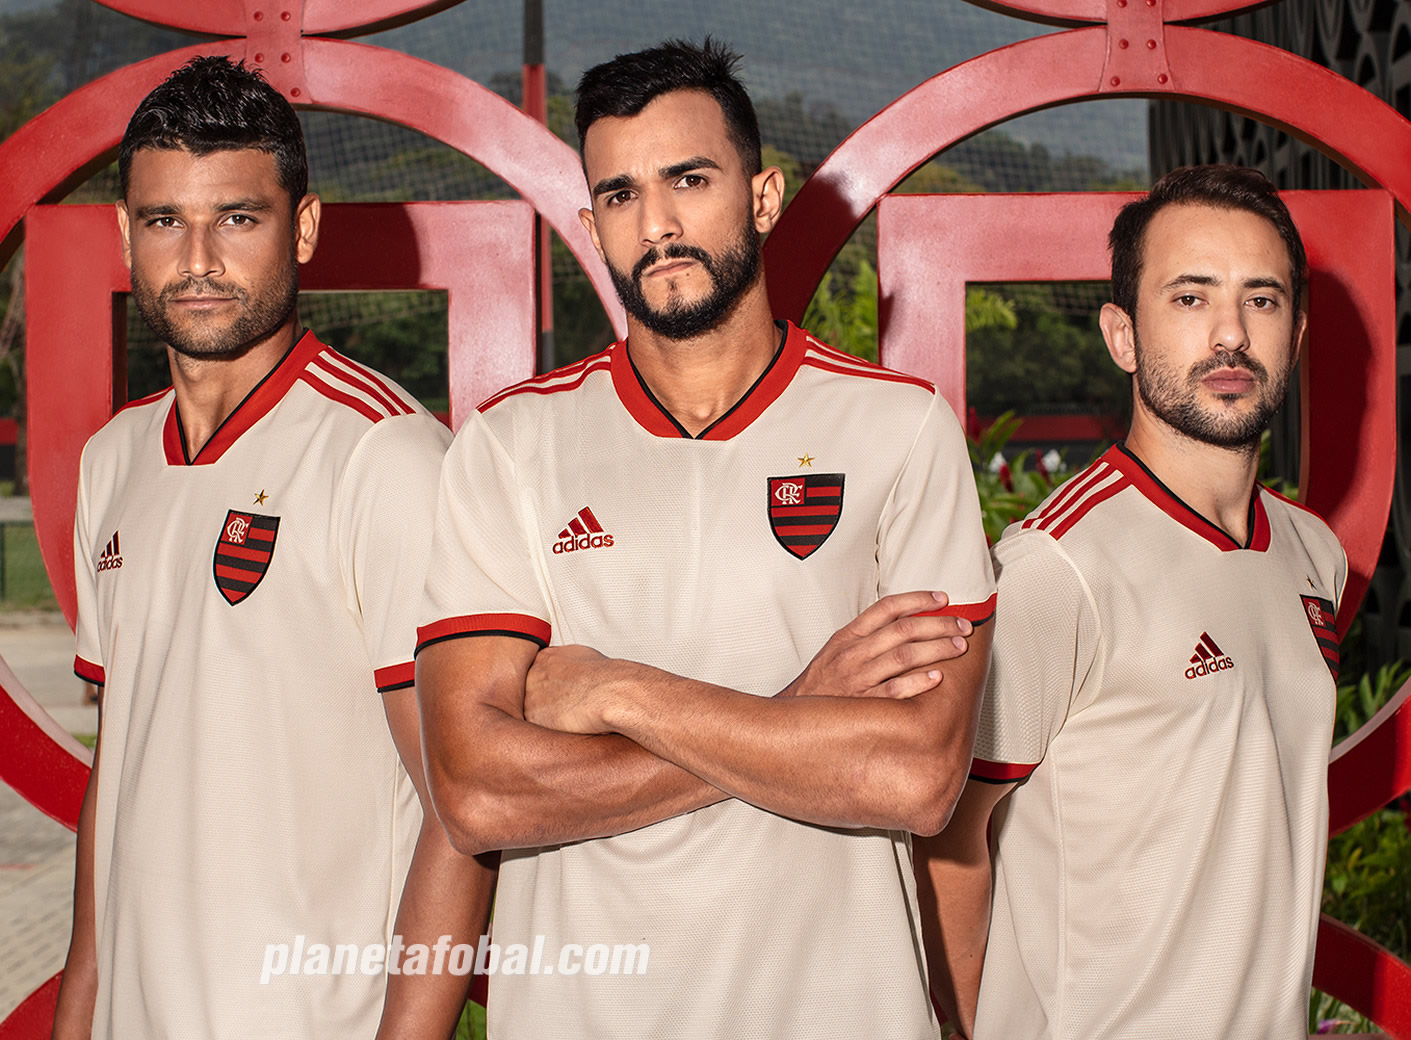 Camiseta suplente Adidas del Flamengo 2018 19  55bf29691c7c3